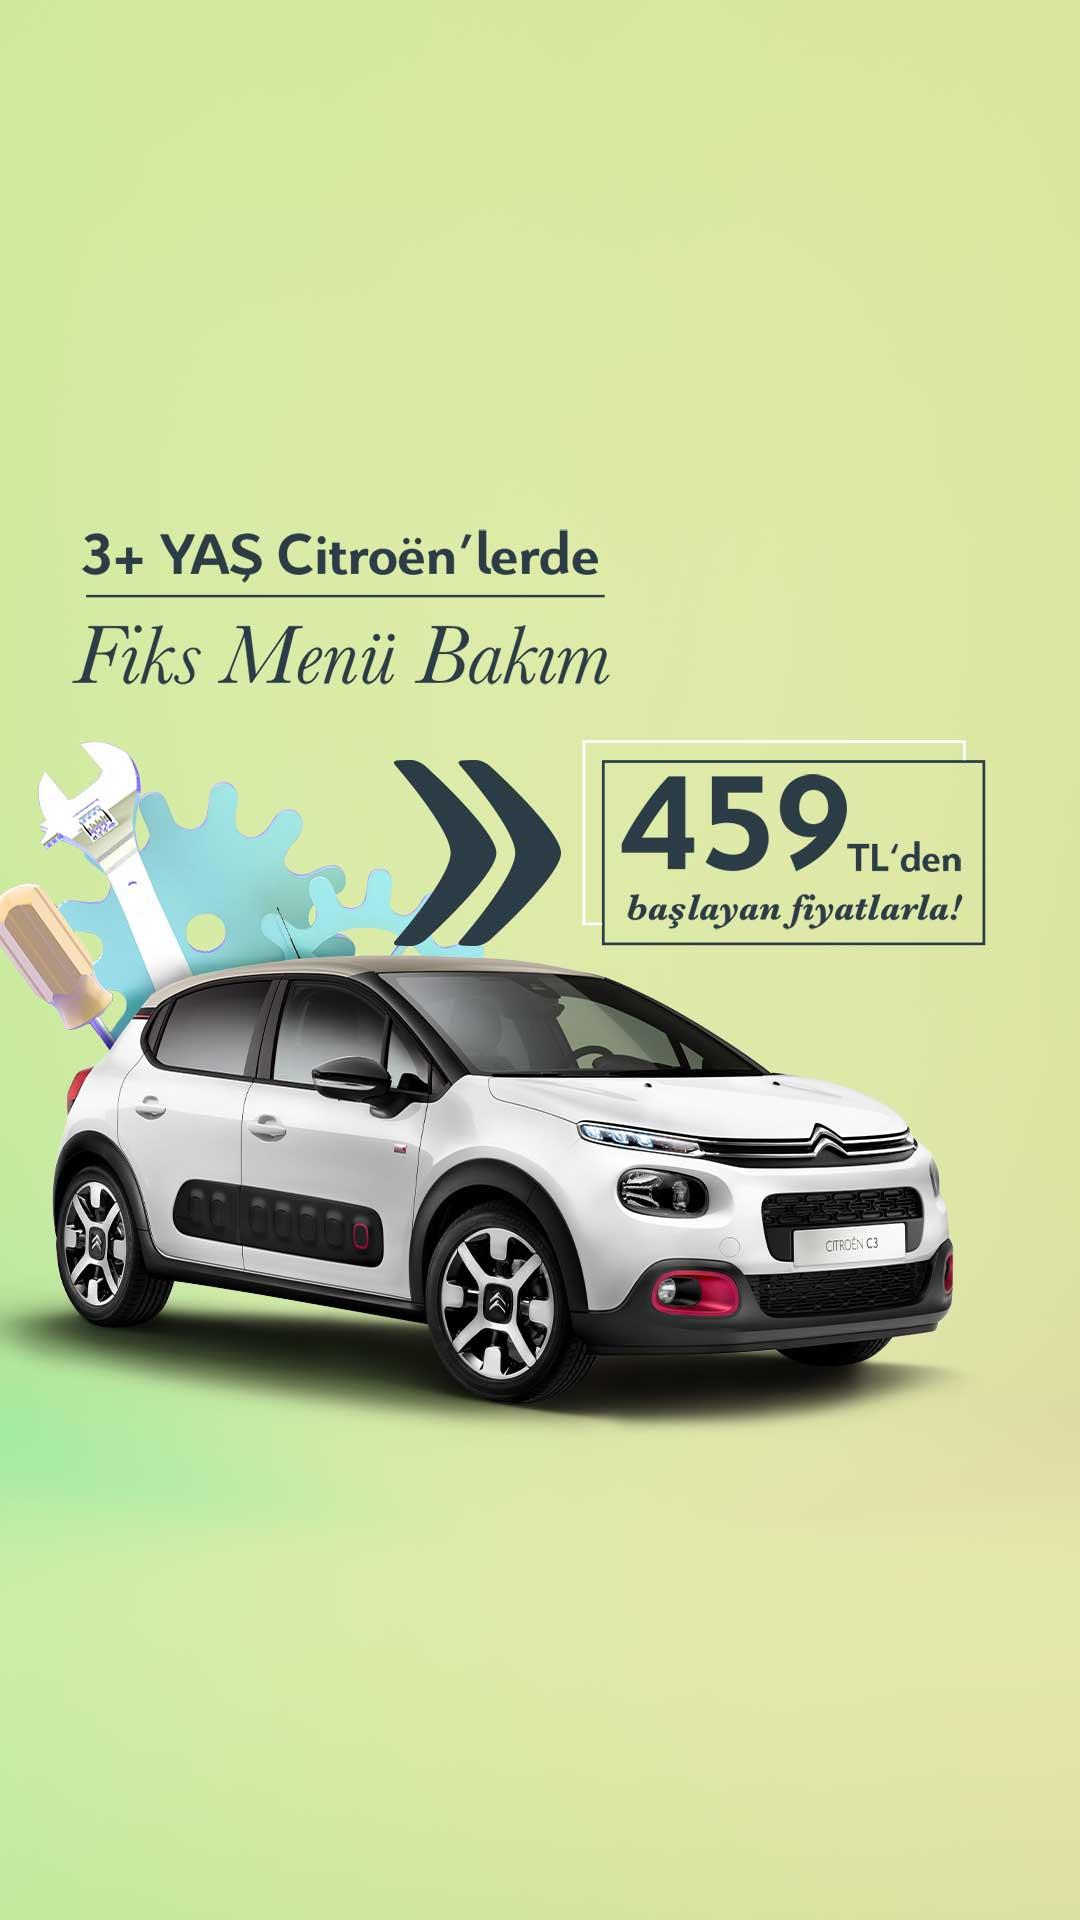 CITROEN - 3+ YAŞ FİX MENU